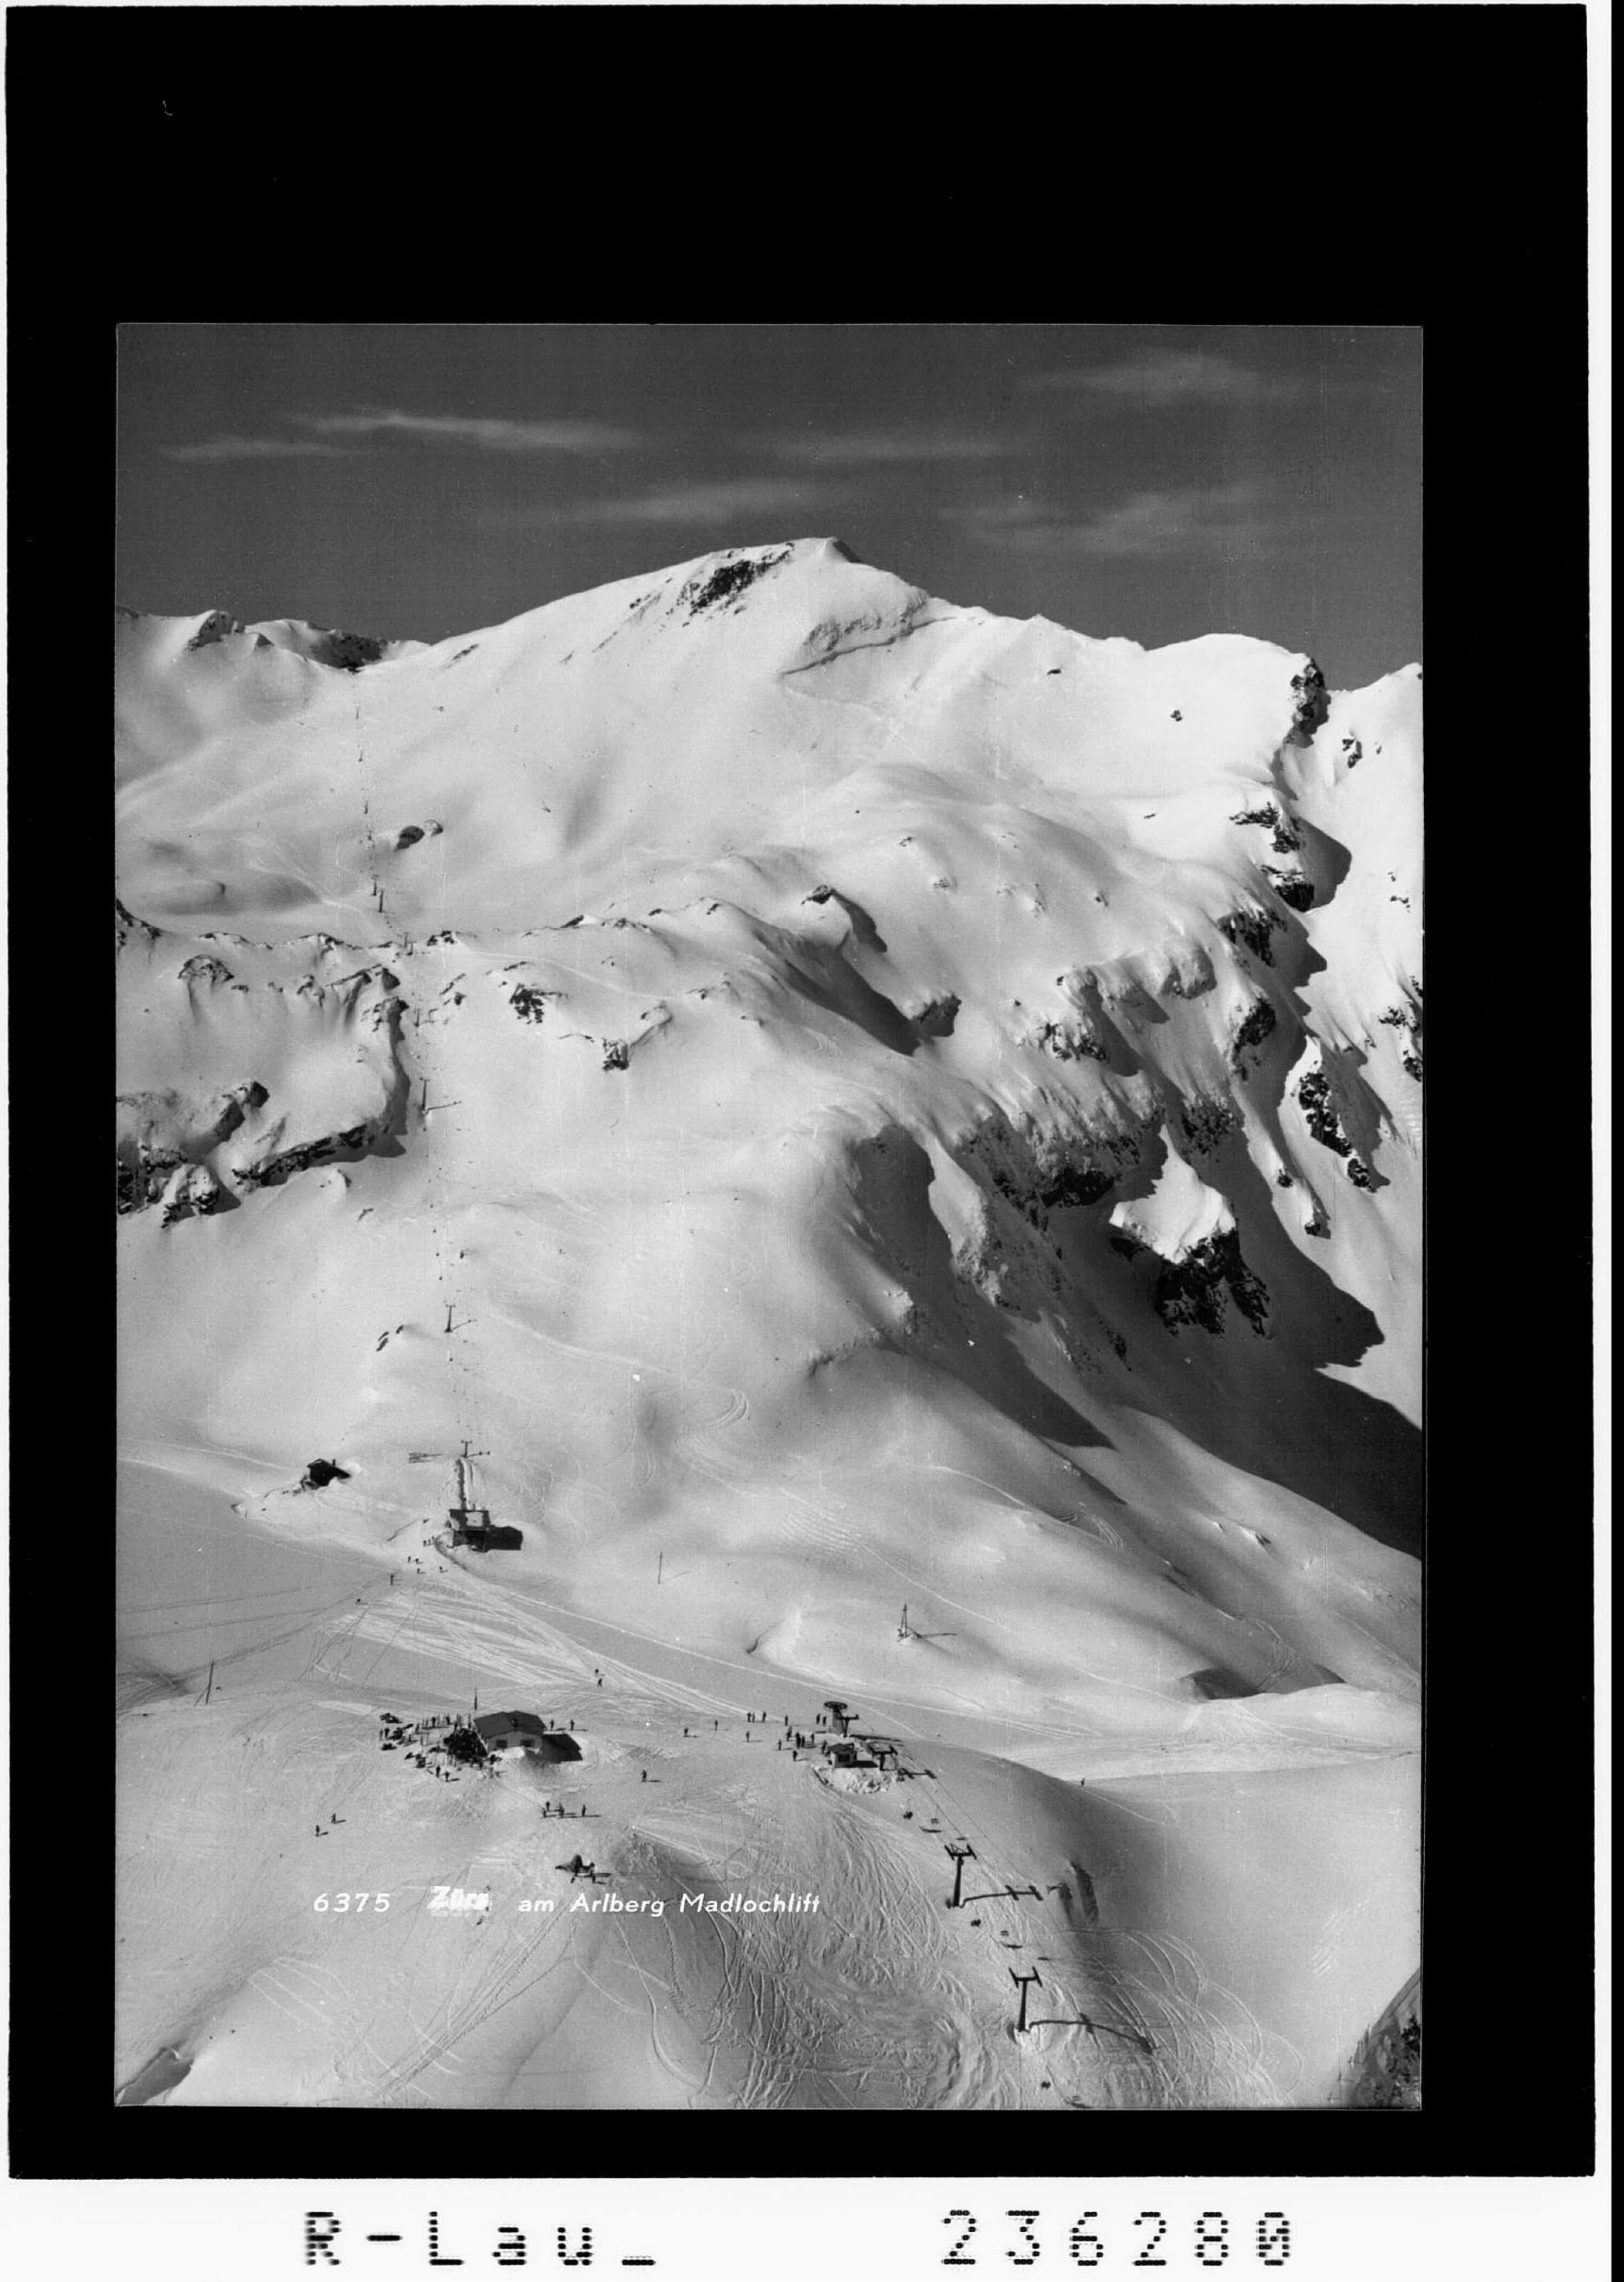 Zürs am Arlberg Madlochlift von Rhomberg